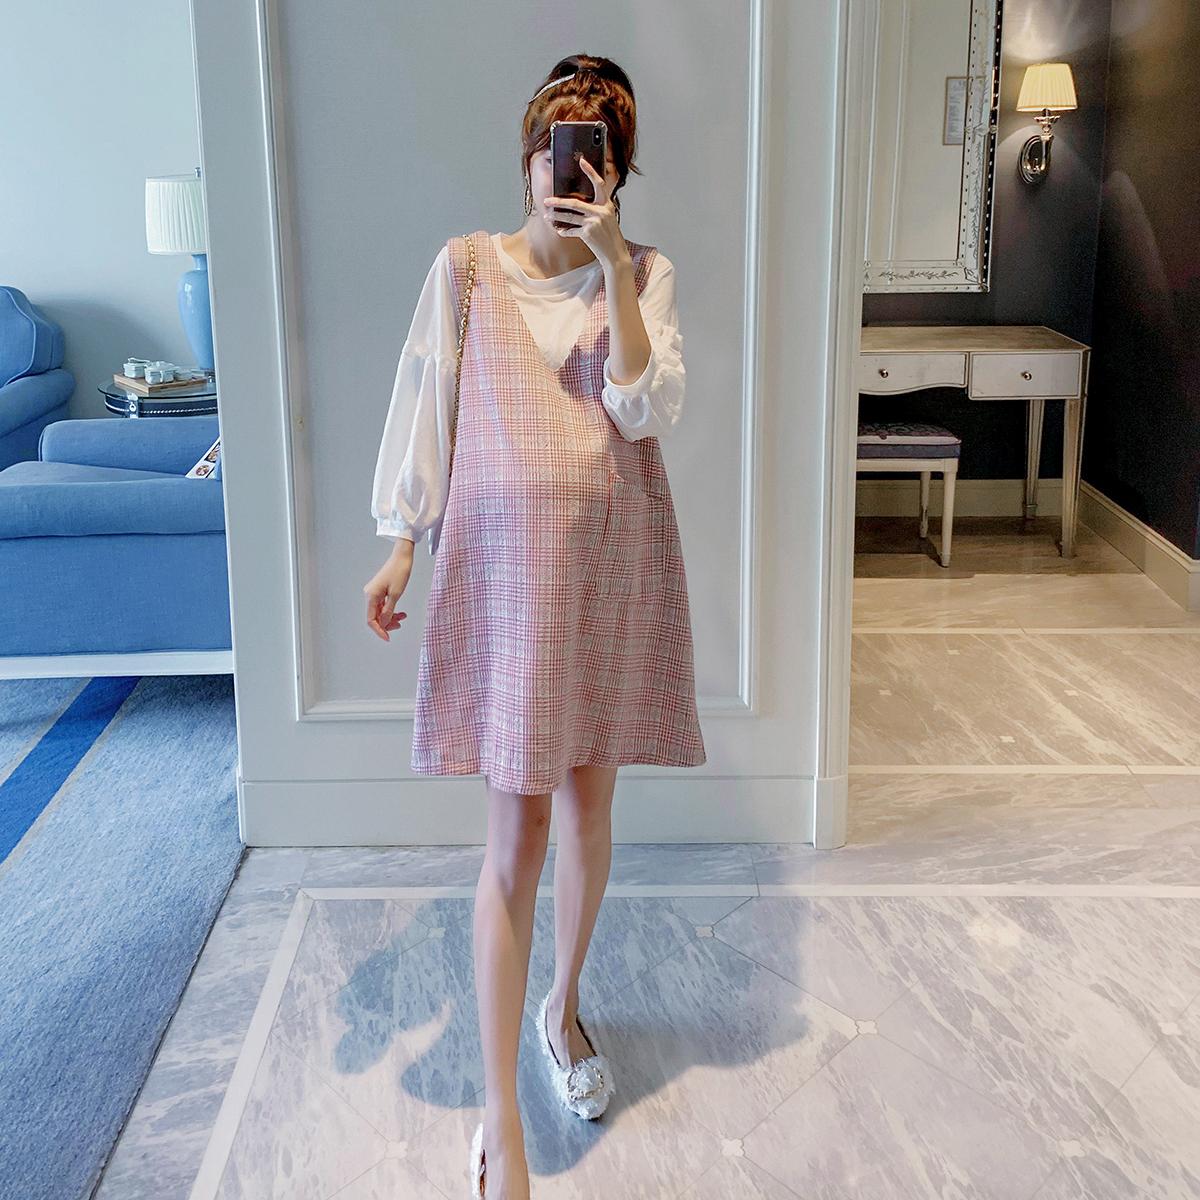 孕妇秋冬季装时尚小香风套装新款宽松小个子韩版潮妈两件套连衣裙